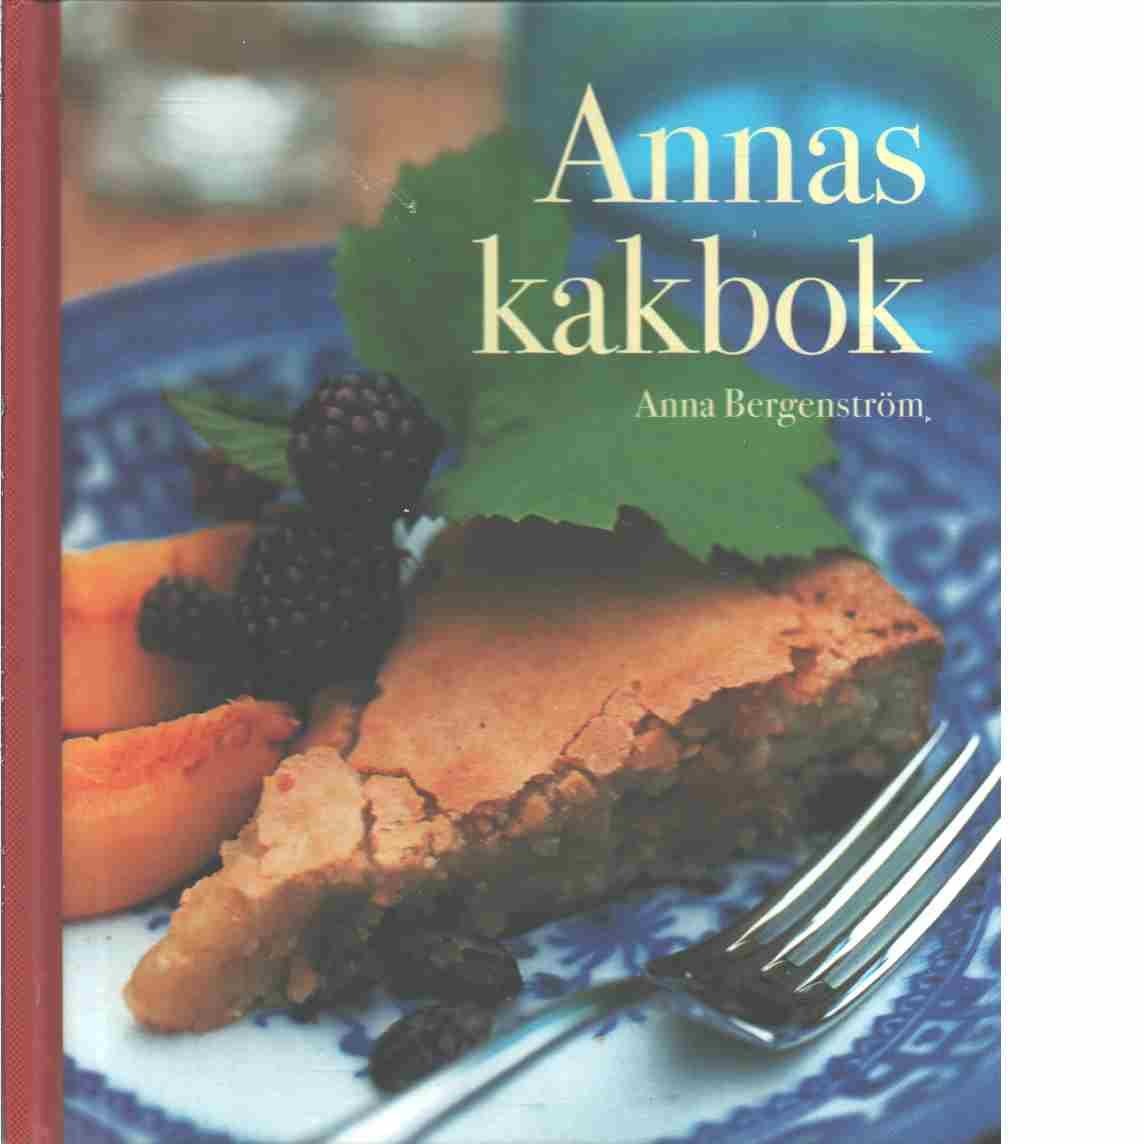 Annas kakbok - Bergenström, Anna